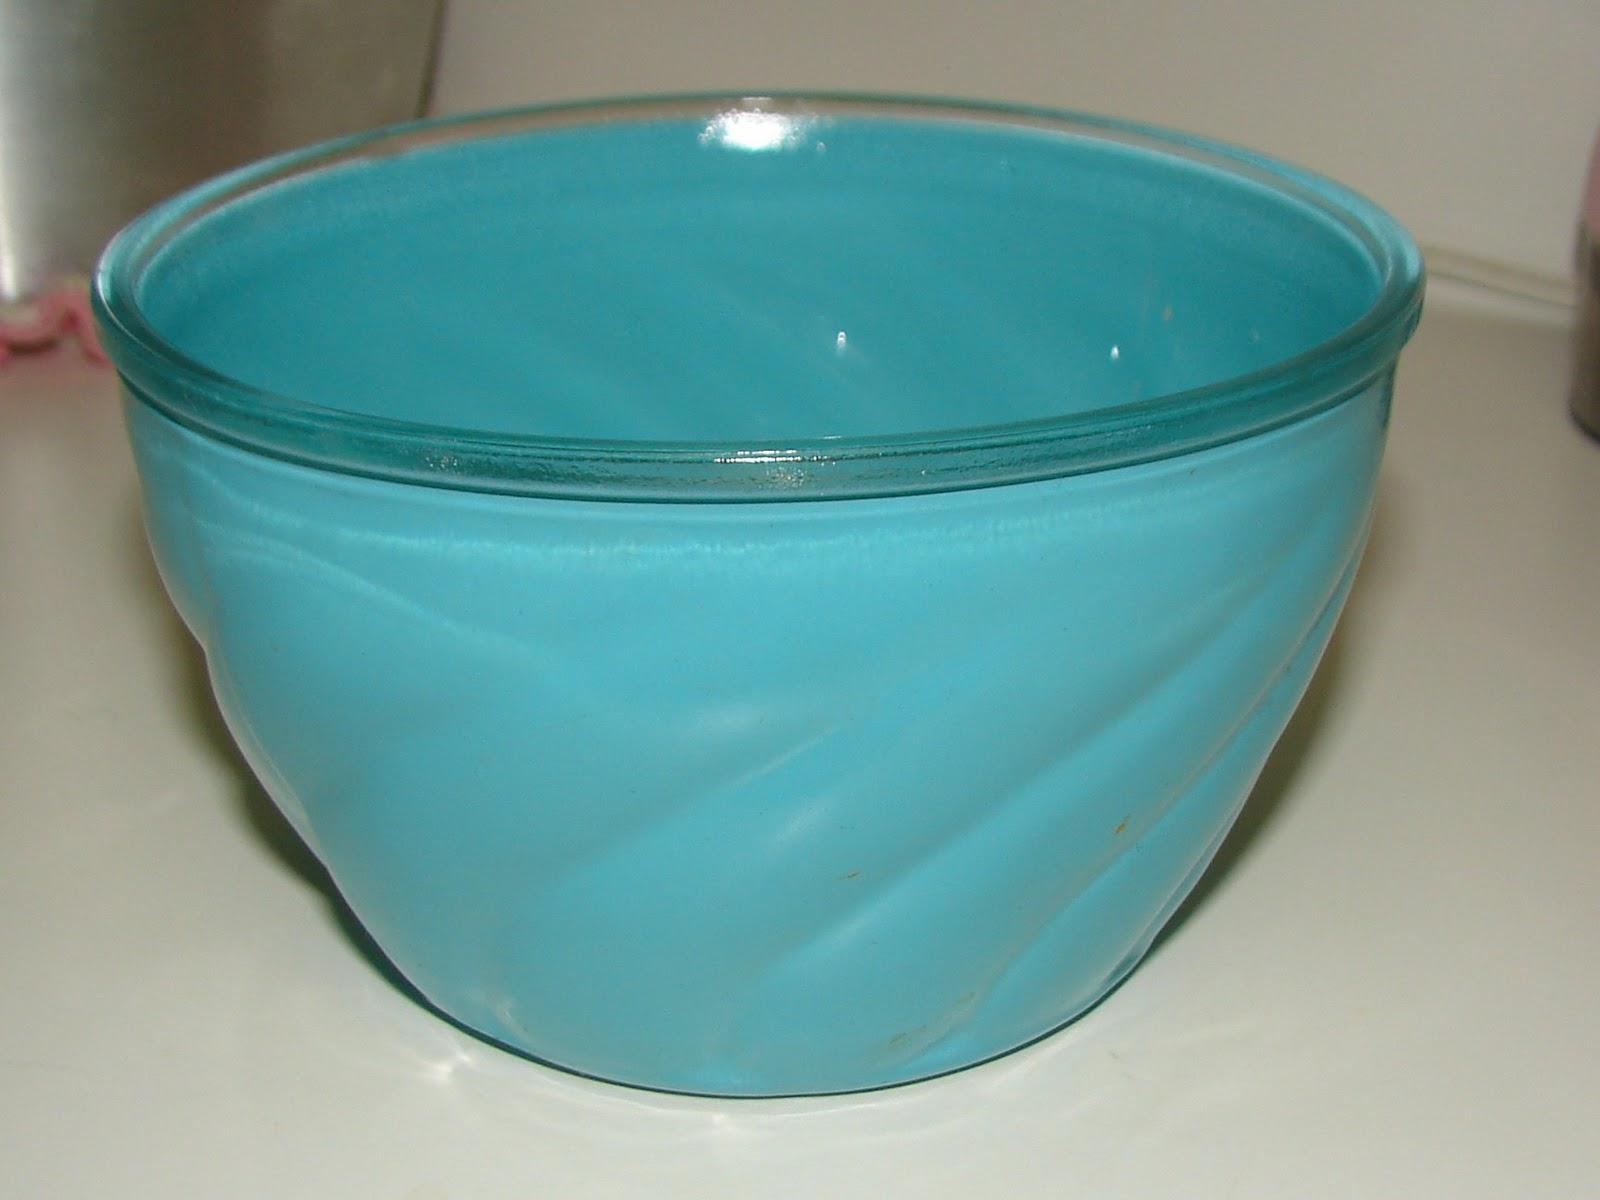 http://1.bp.blogspot.com/-loIemJMO6rs/TtCr8Khdi6I/AAAAAAAAA6k/zltnjPA23y8/s1600/turq.pink.bowls.1e.JPG